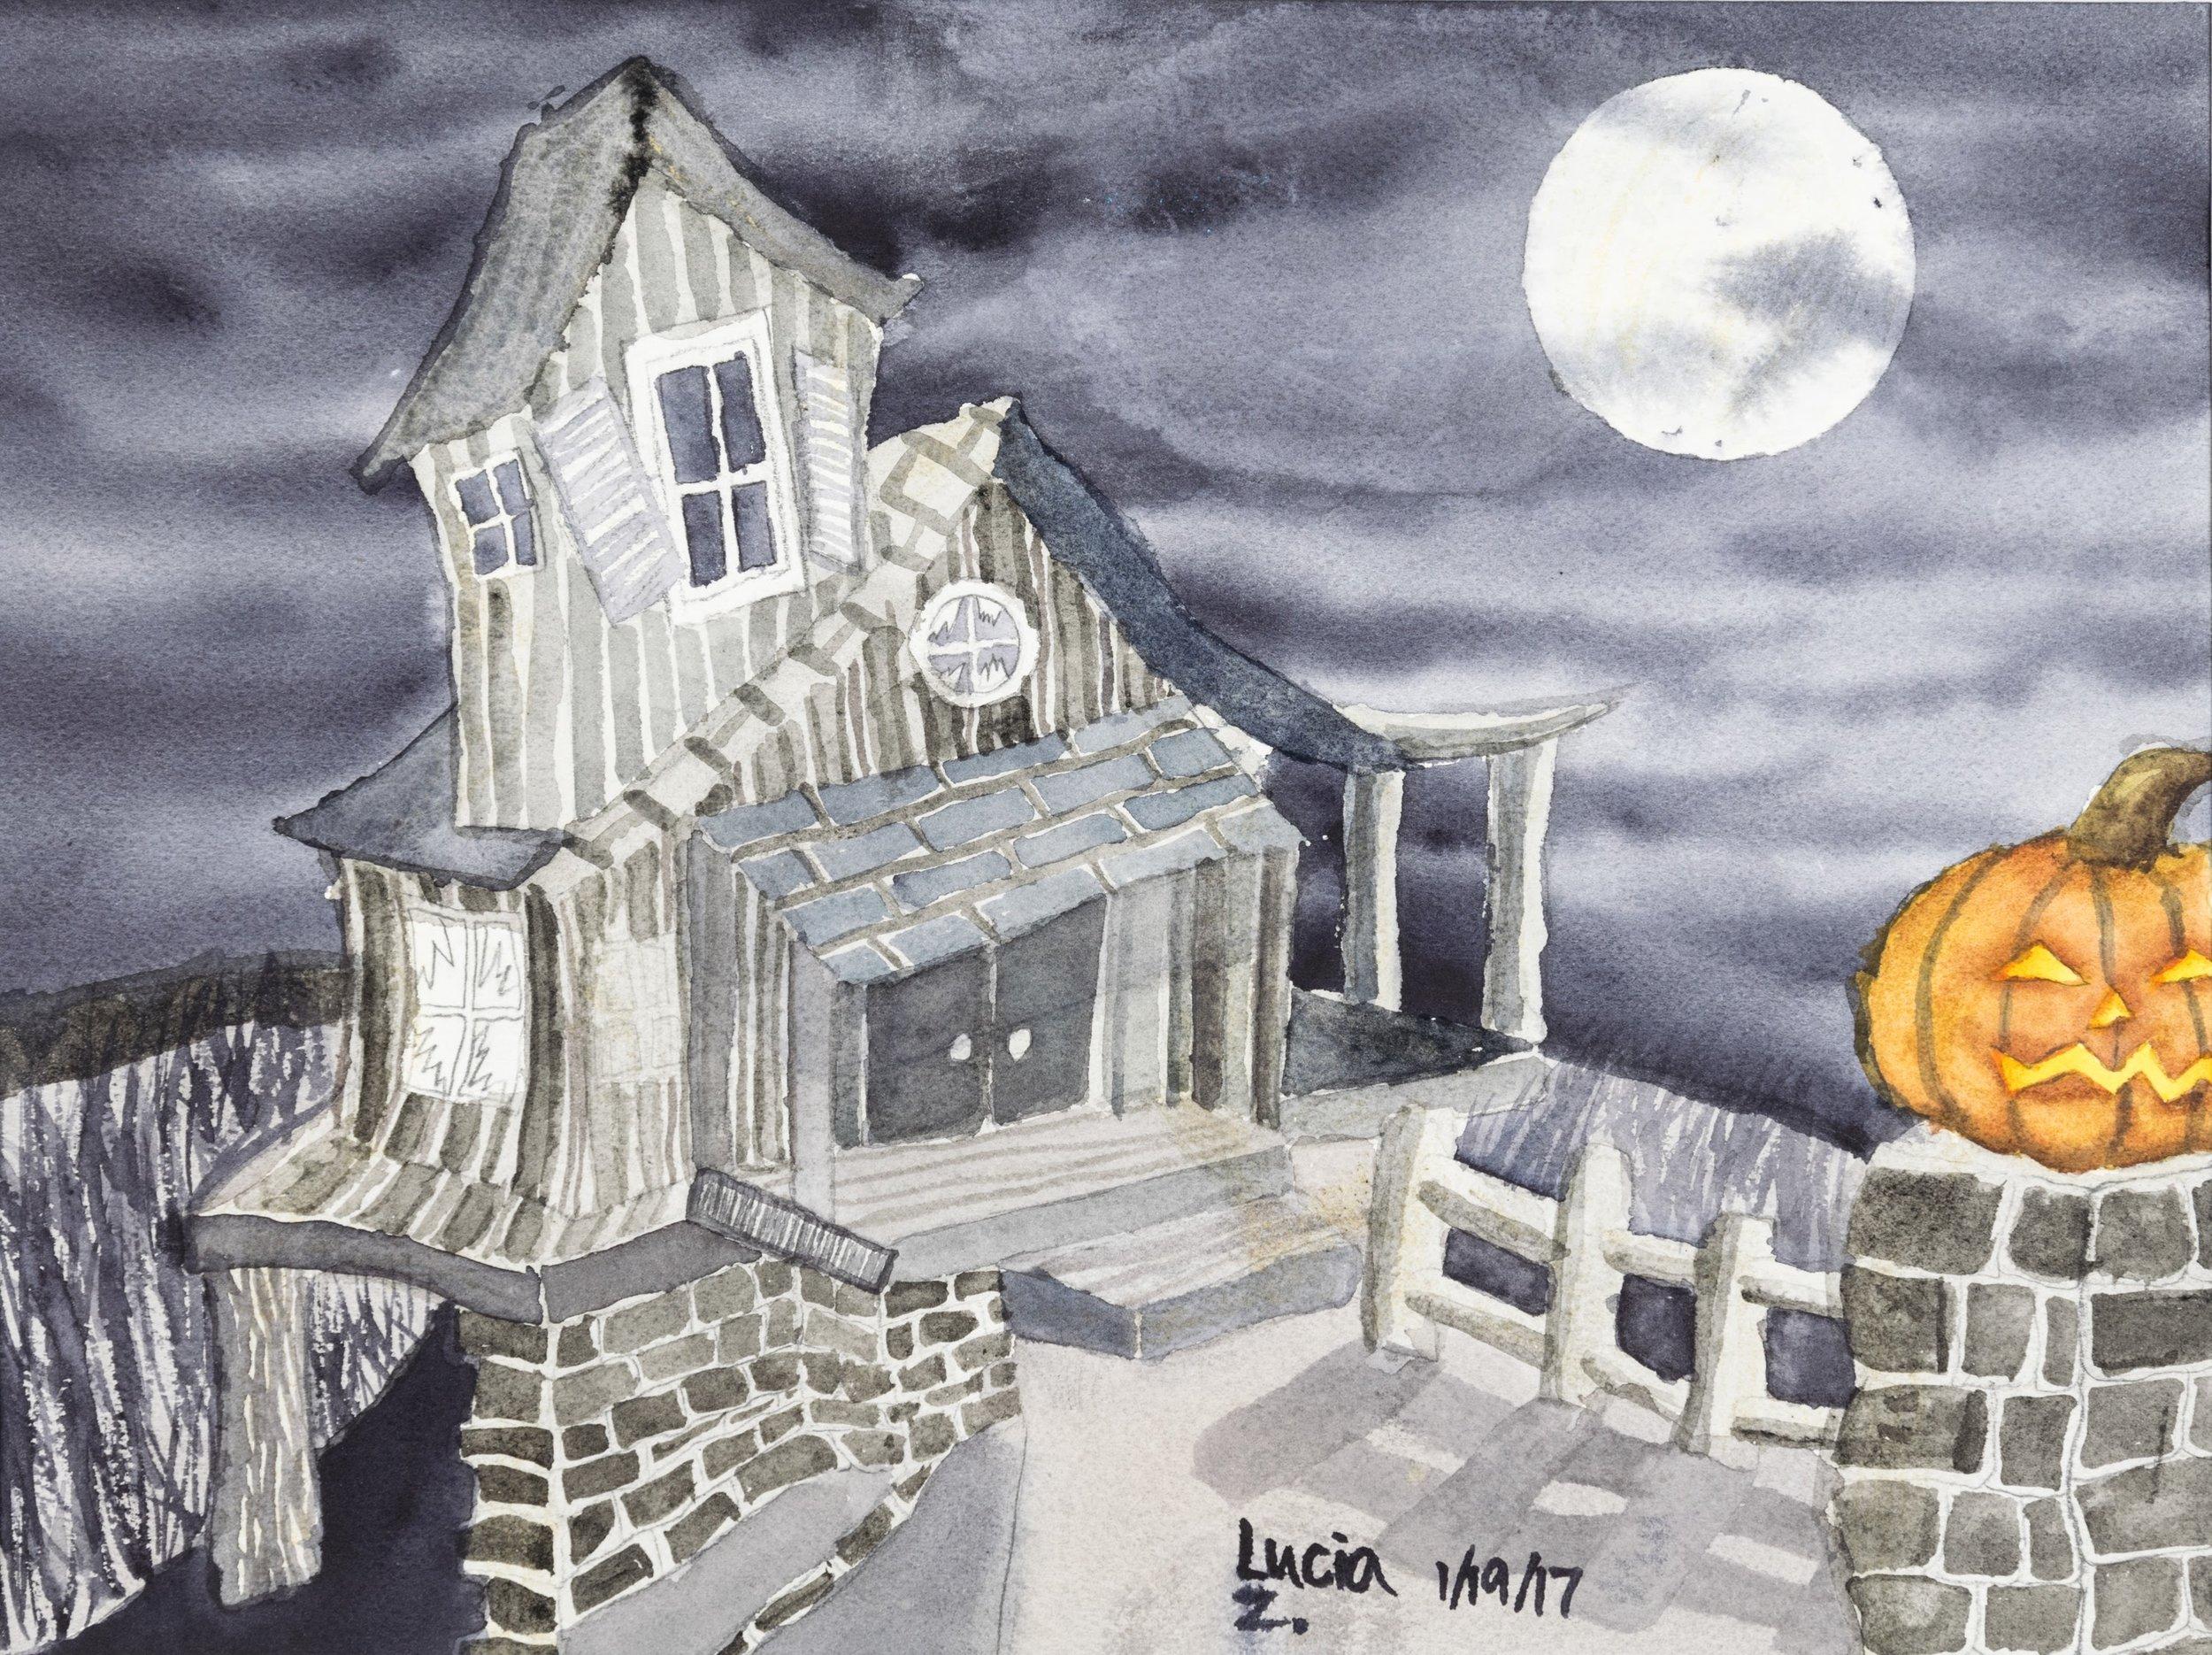 09-Lucia_Zhang-Halloween.jpg